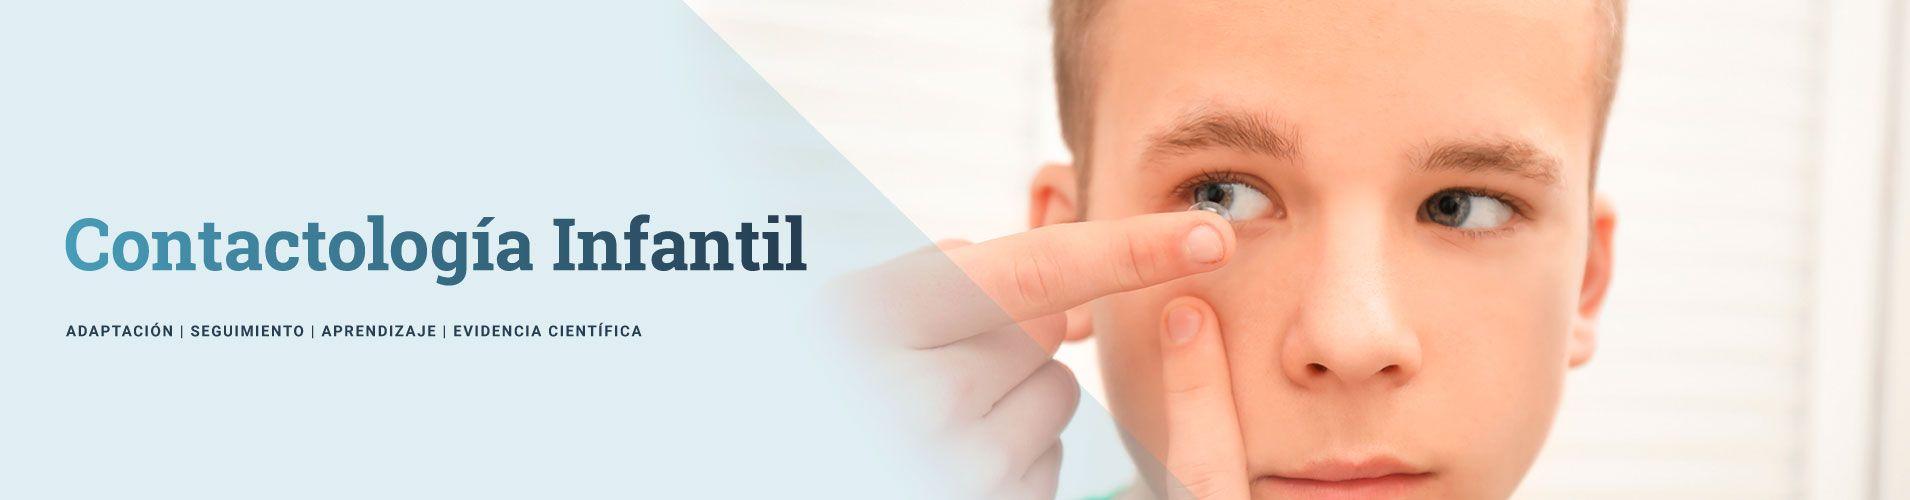 Contactología infantil | Contactología pediátrica | Valencia | en Educando tu mirada